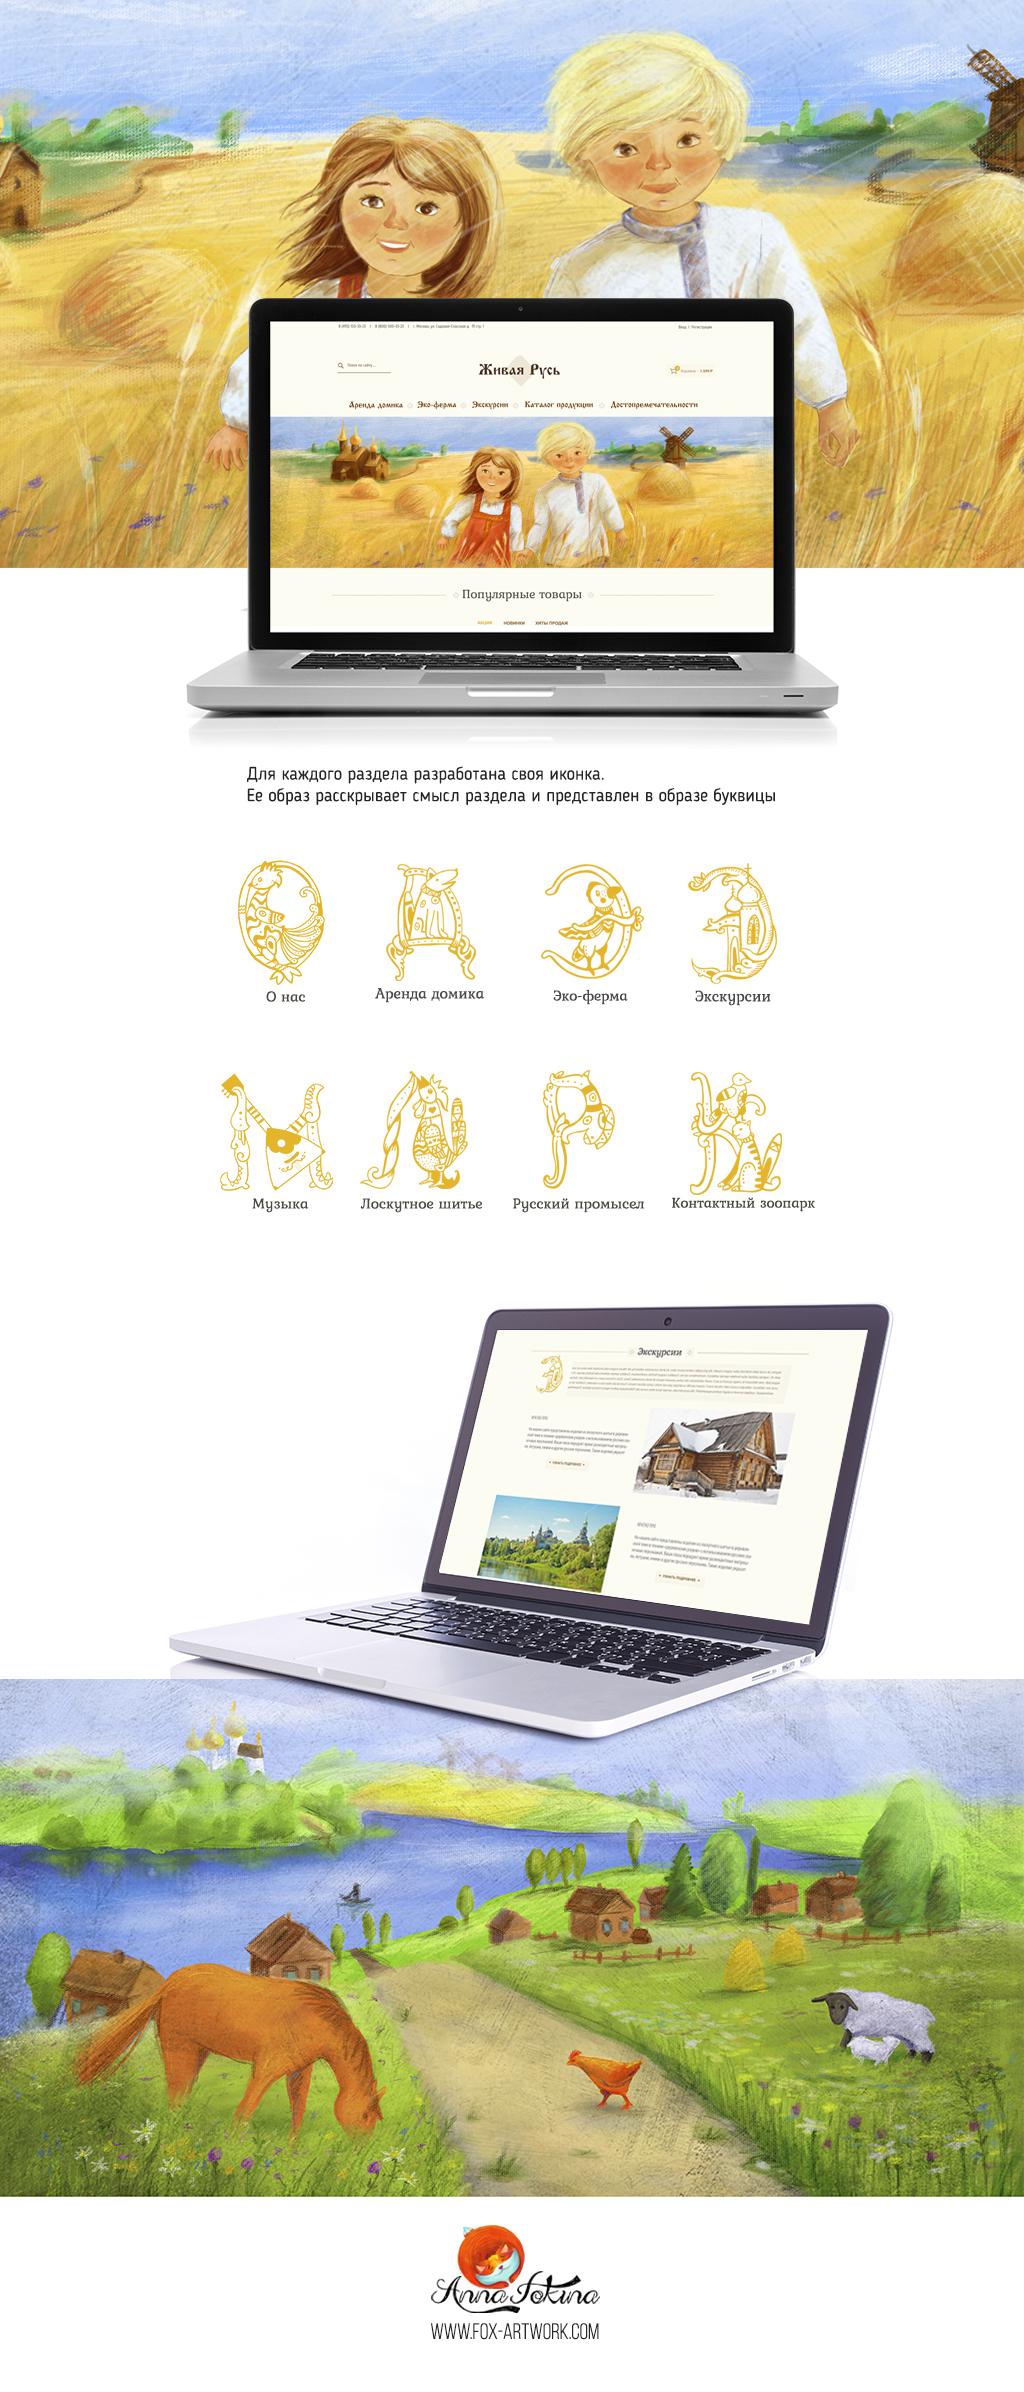 Дизайн сайта живая русь